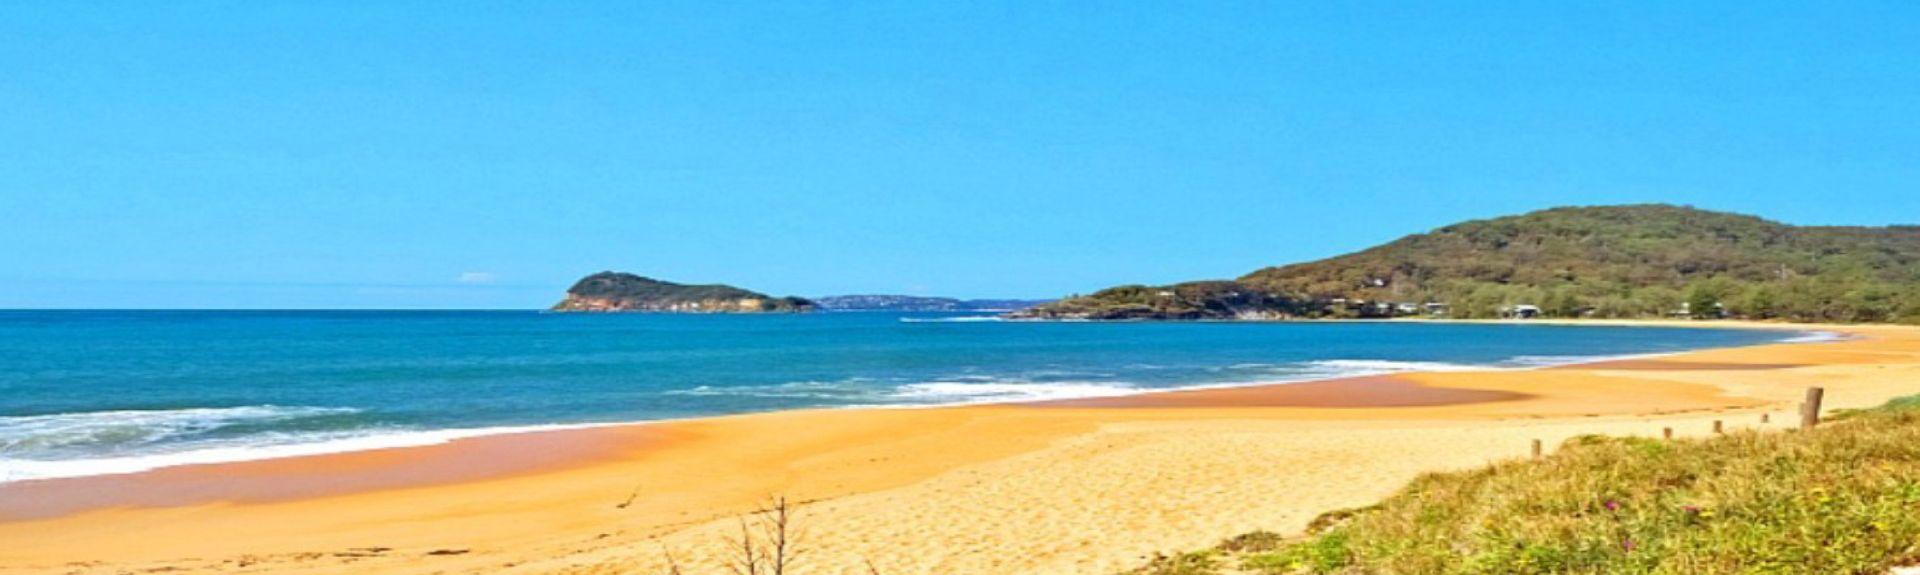 Western Sydney, NSW, Australia